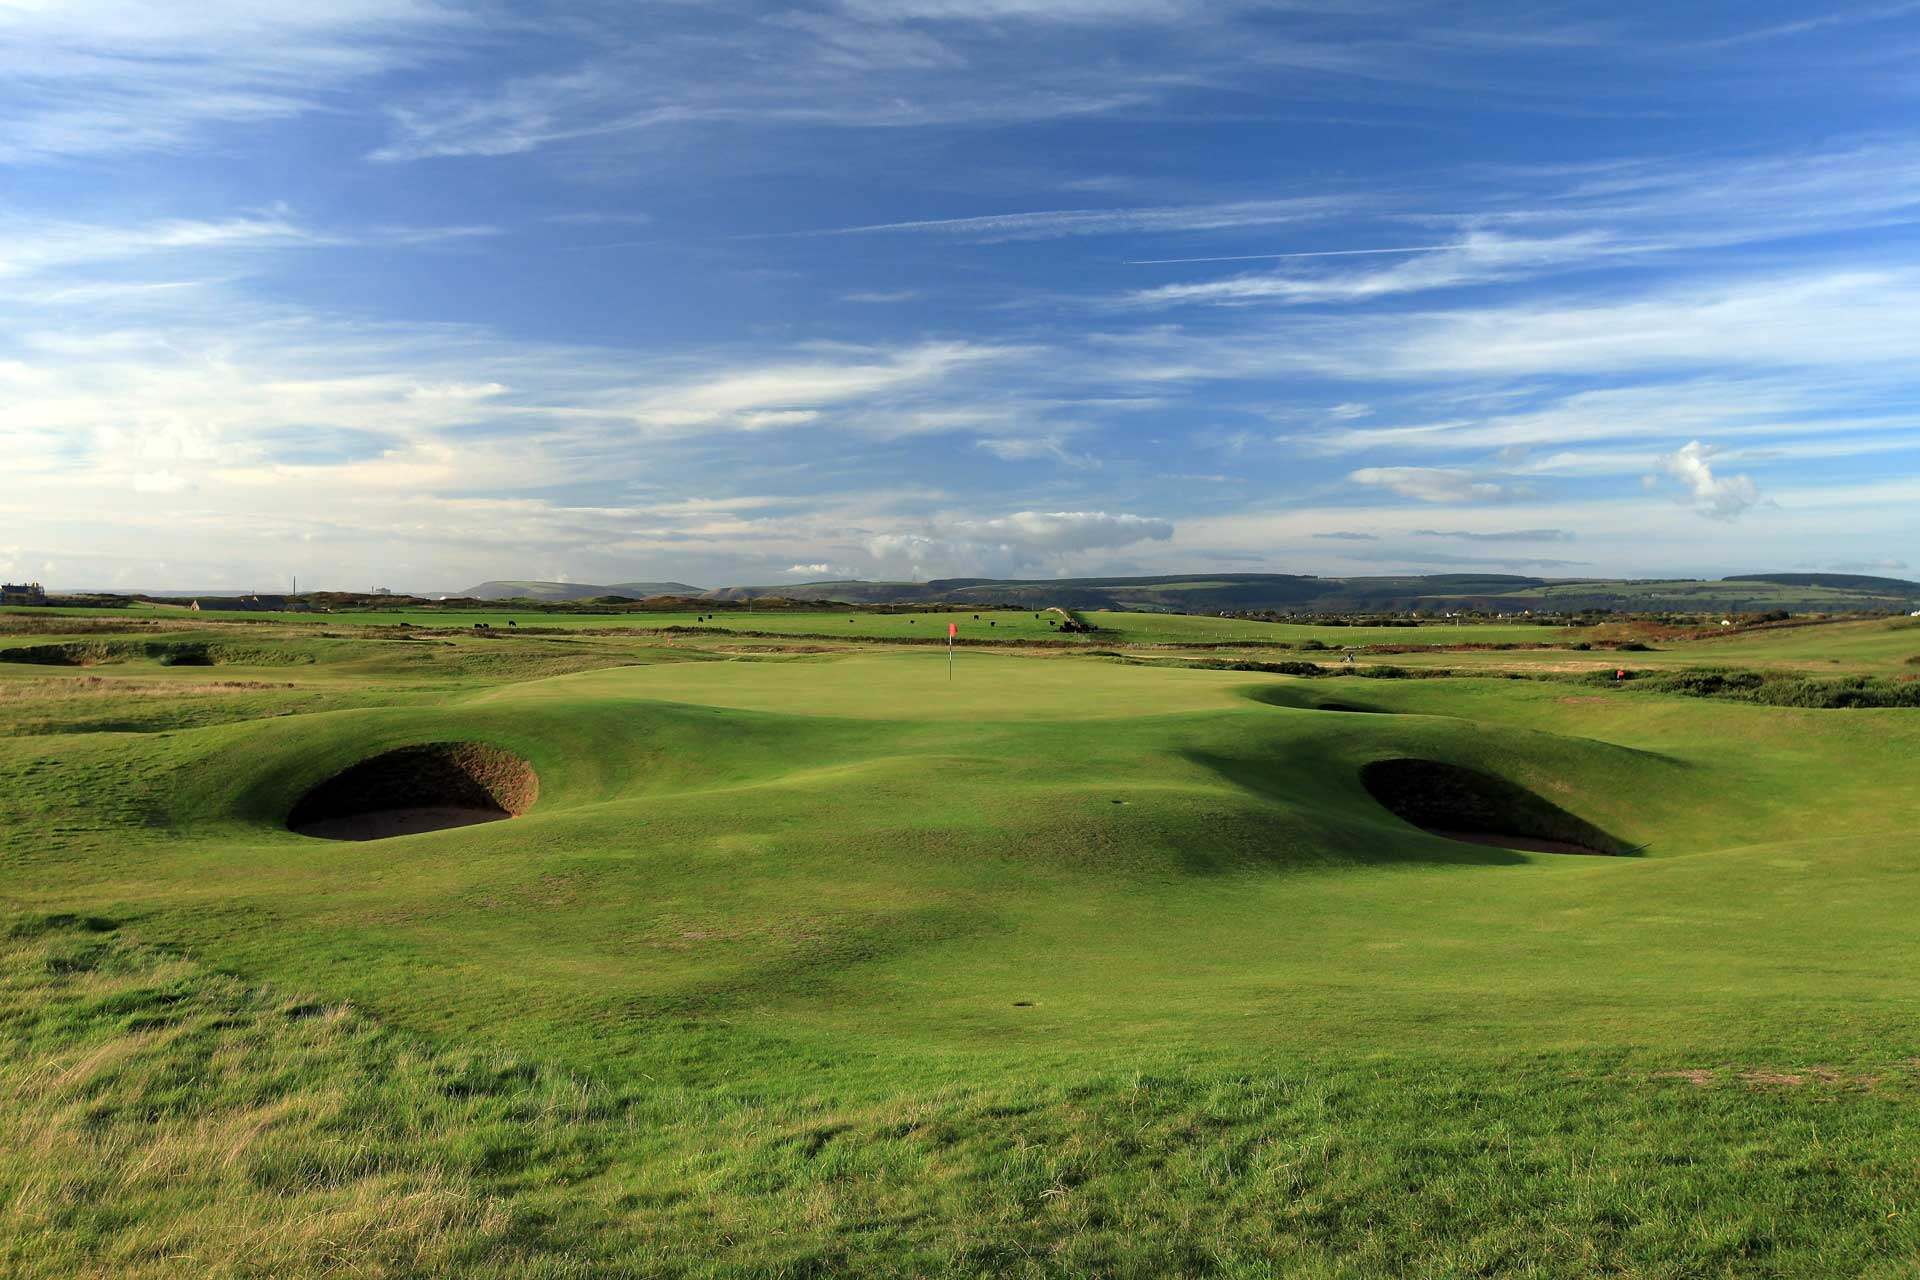 The Royal Porthcawl Golf Club